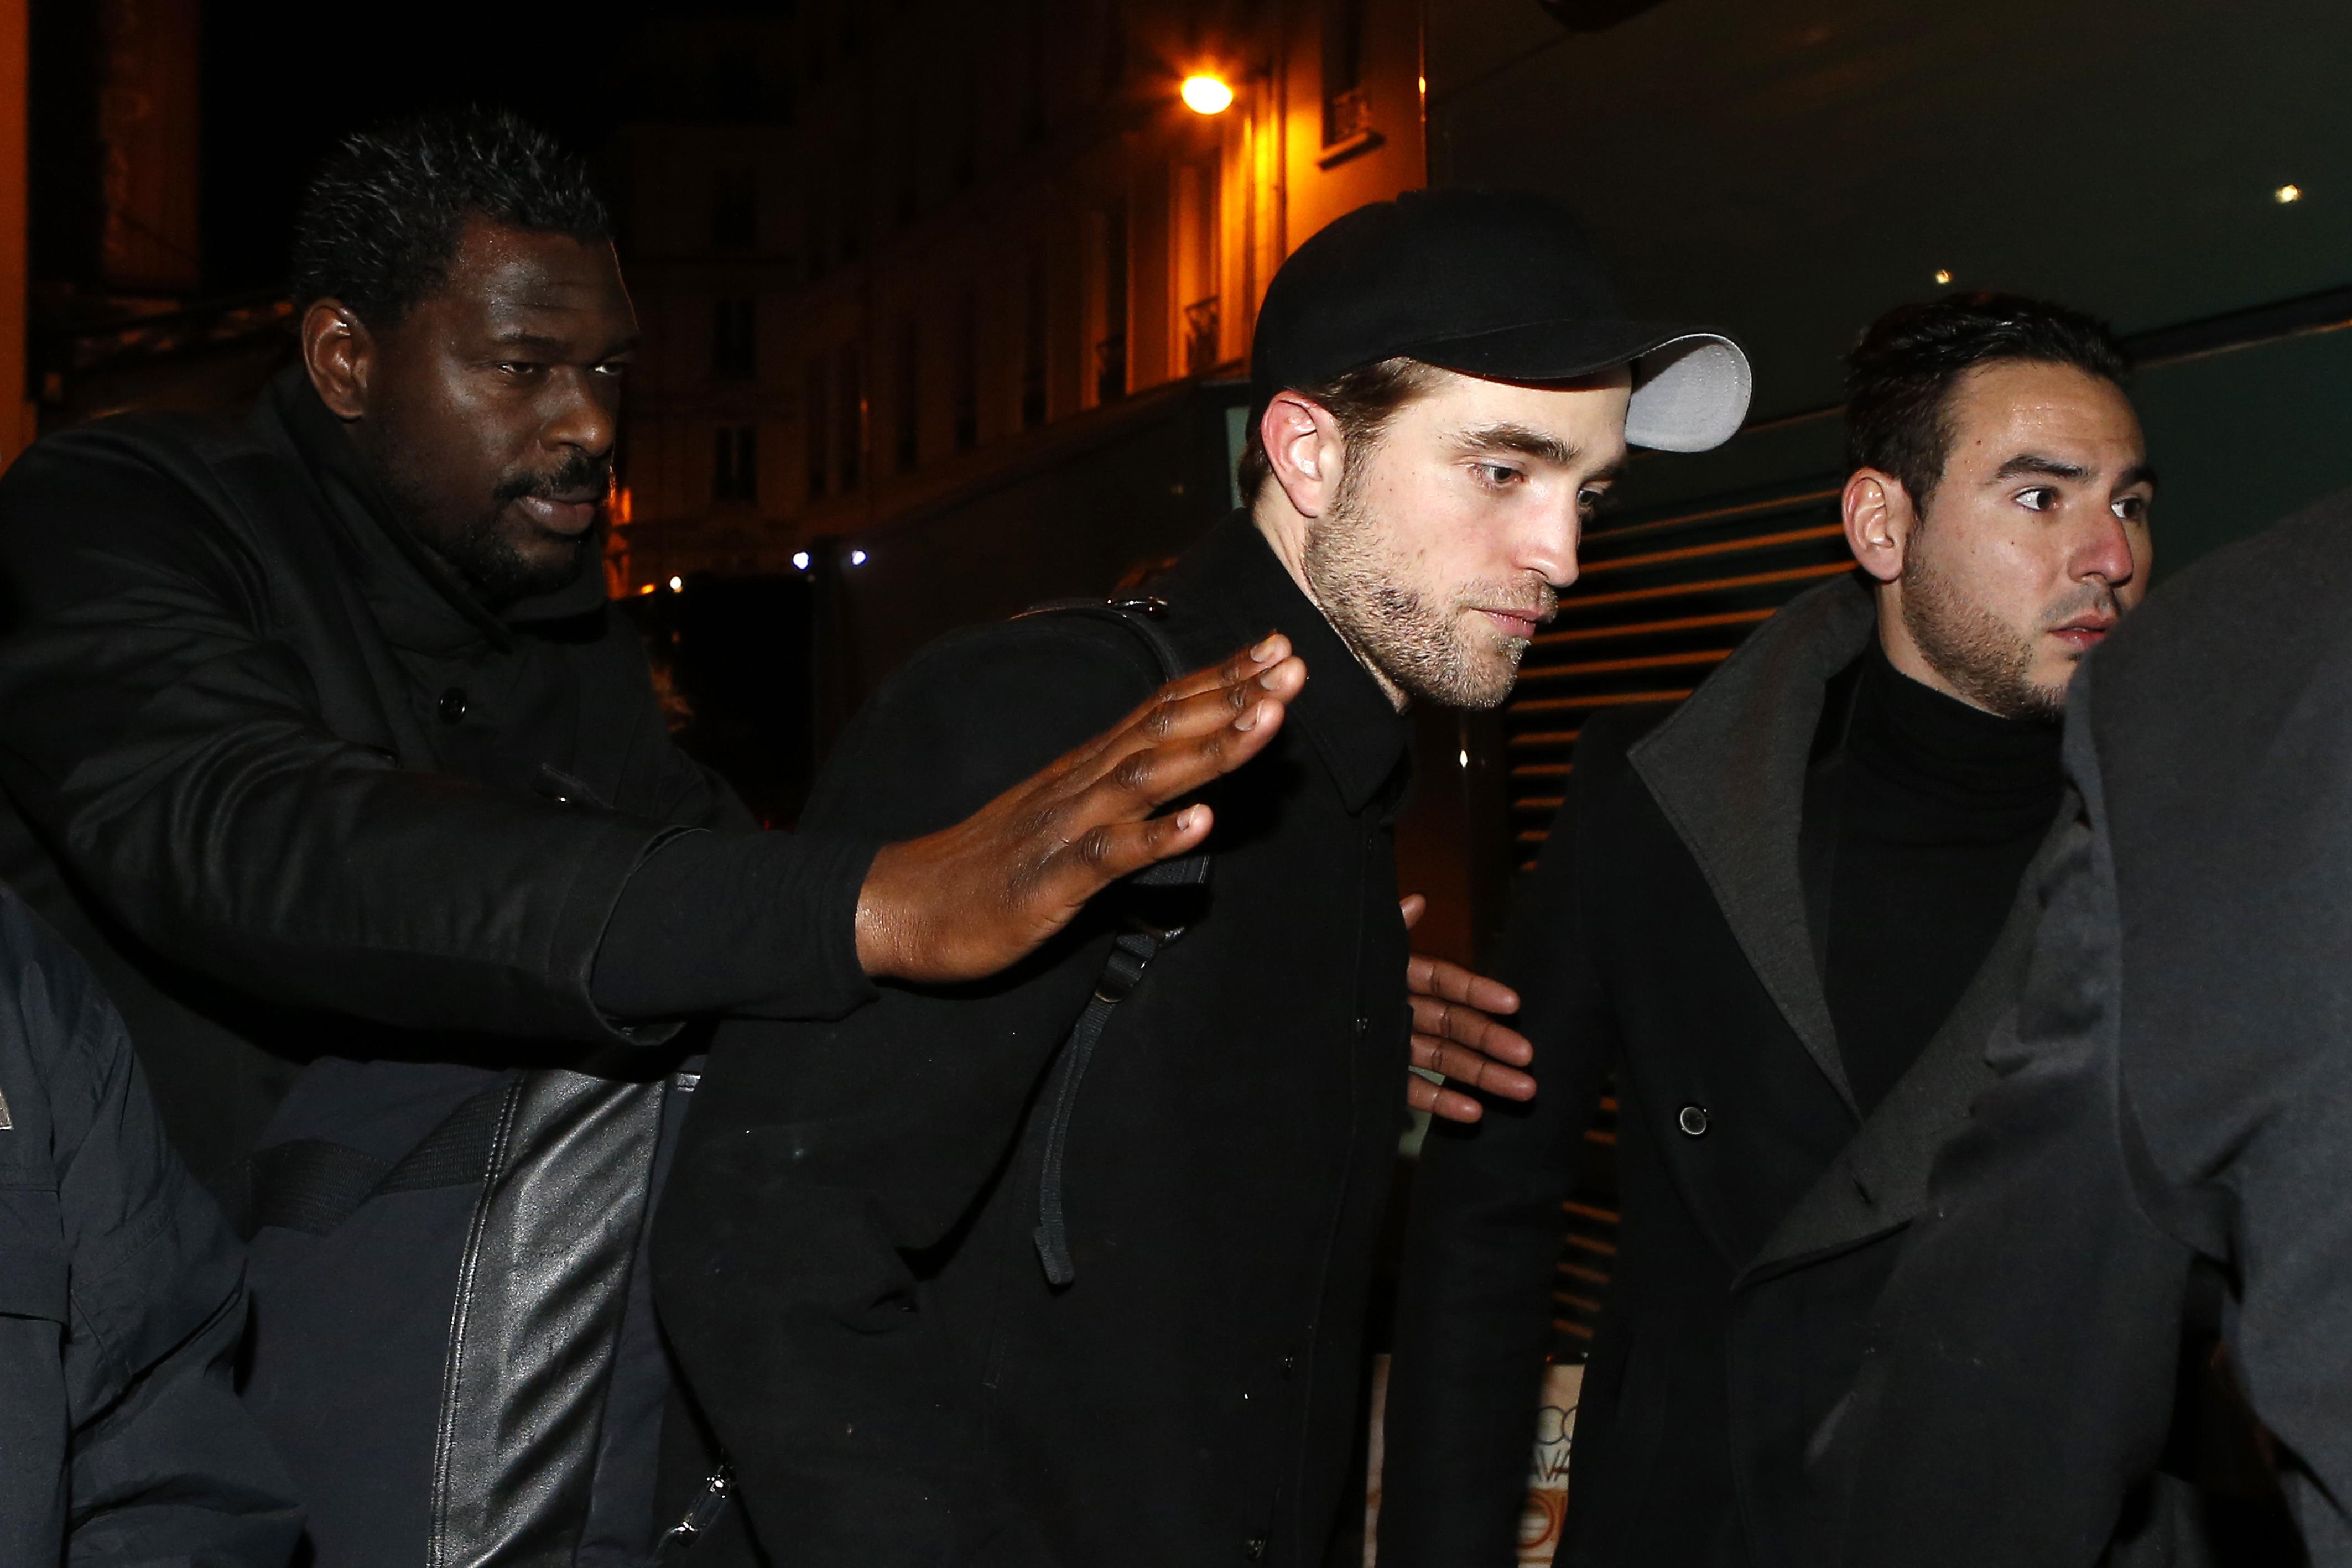 Fotos e vídeos de Robert em Paris (04/03)